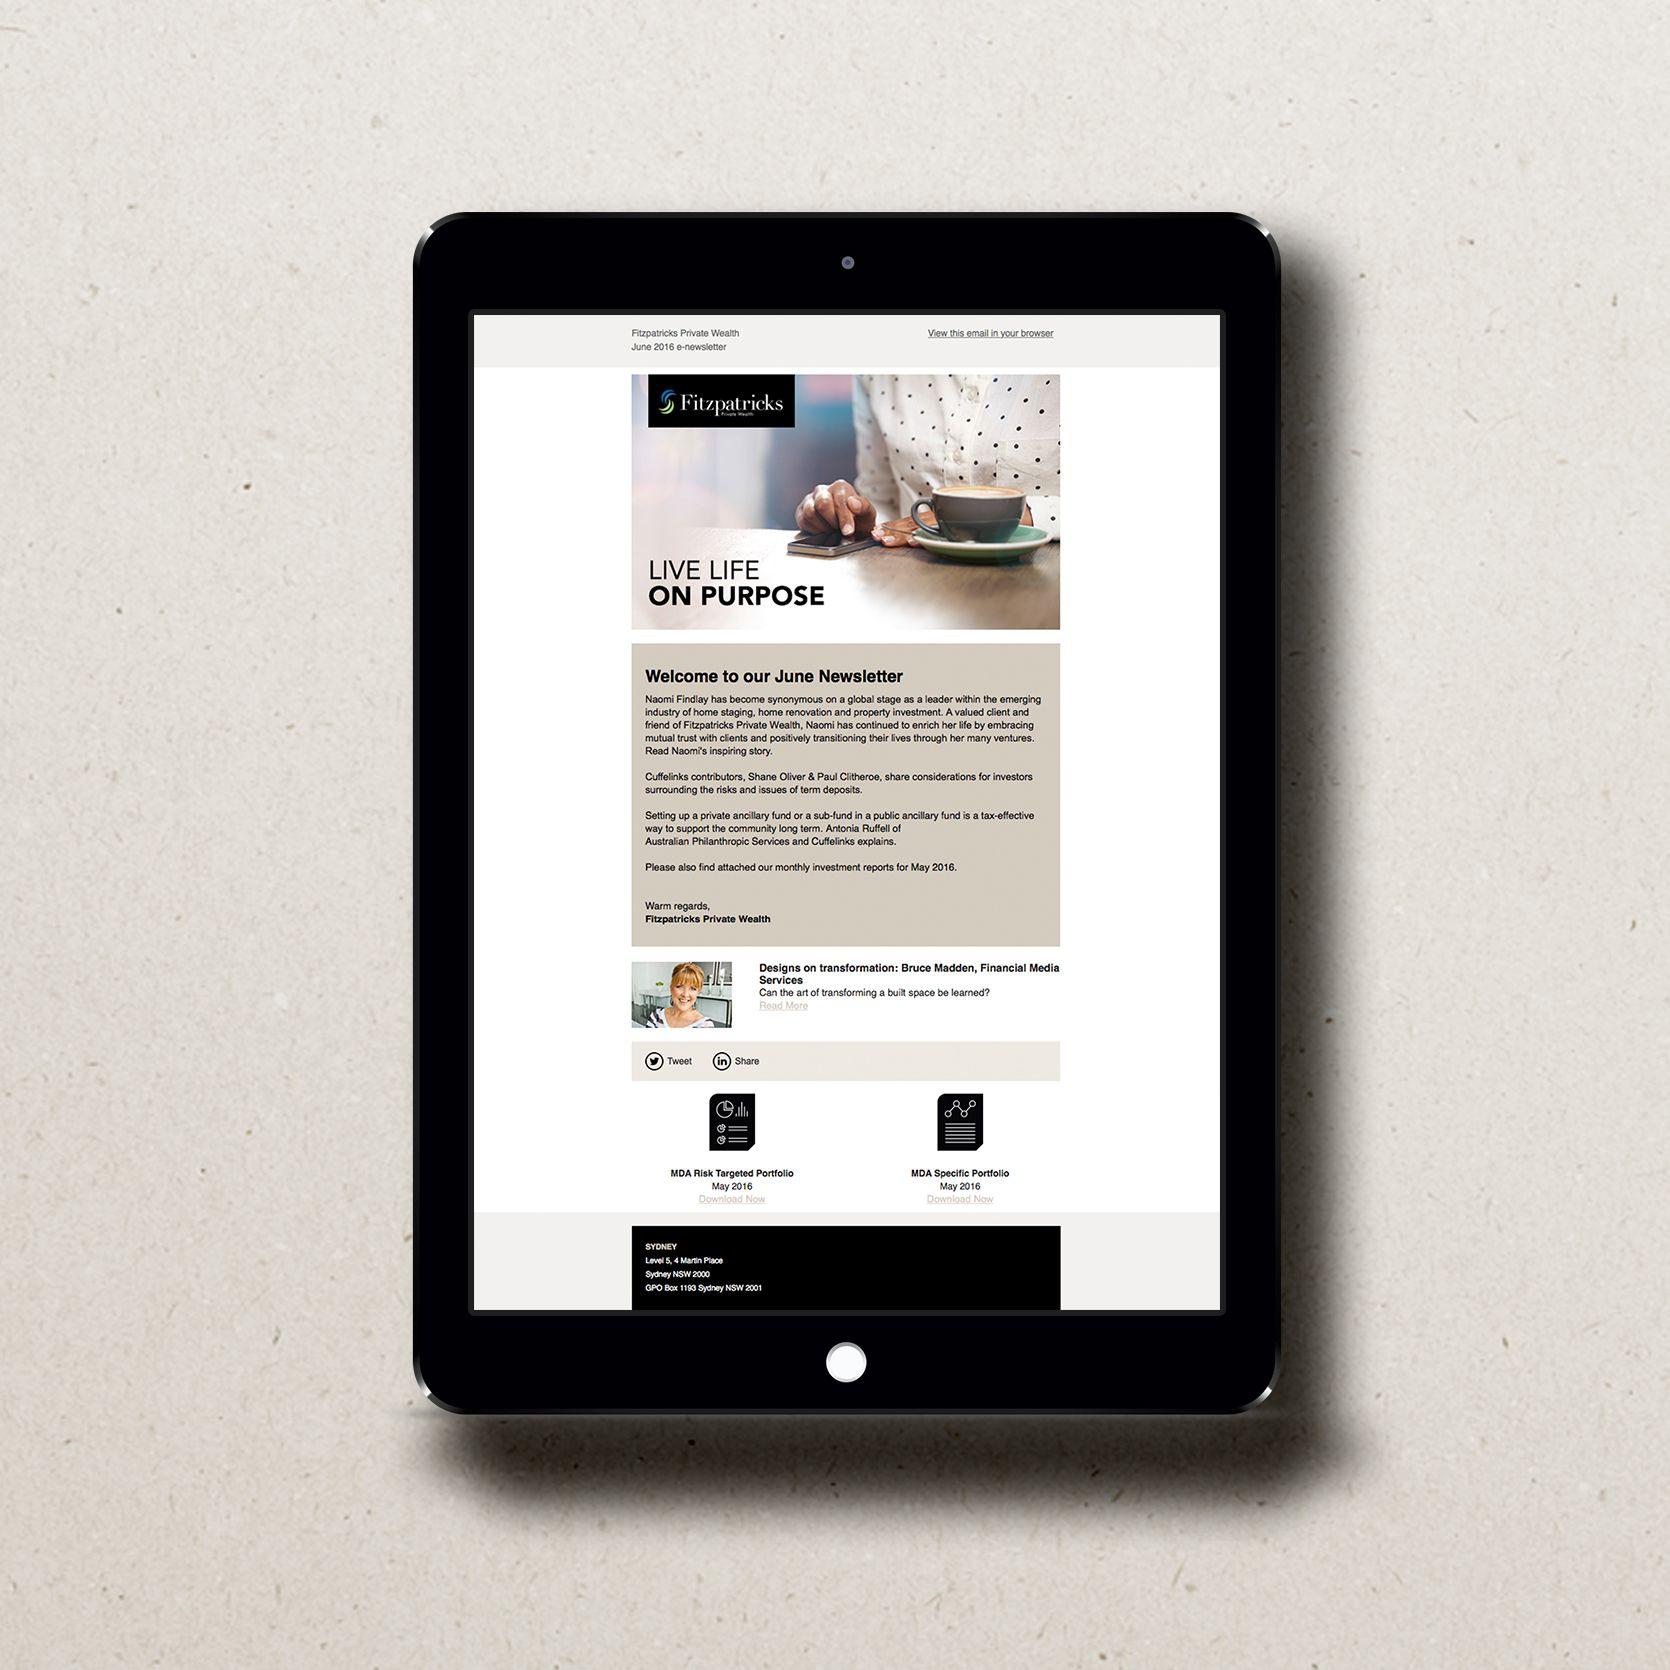 You Ve Got Mail Edm Design For Fitzpatricks Creatik Design Creatikdesign Creativeagency Sydneydesignstudio C Logo Design Creative Agency Minimal Design